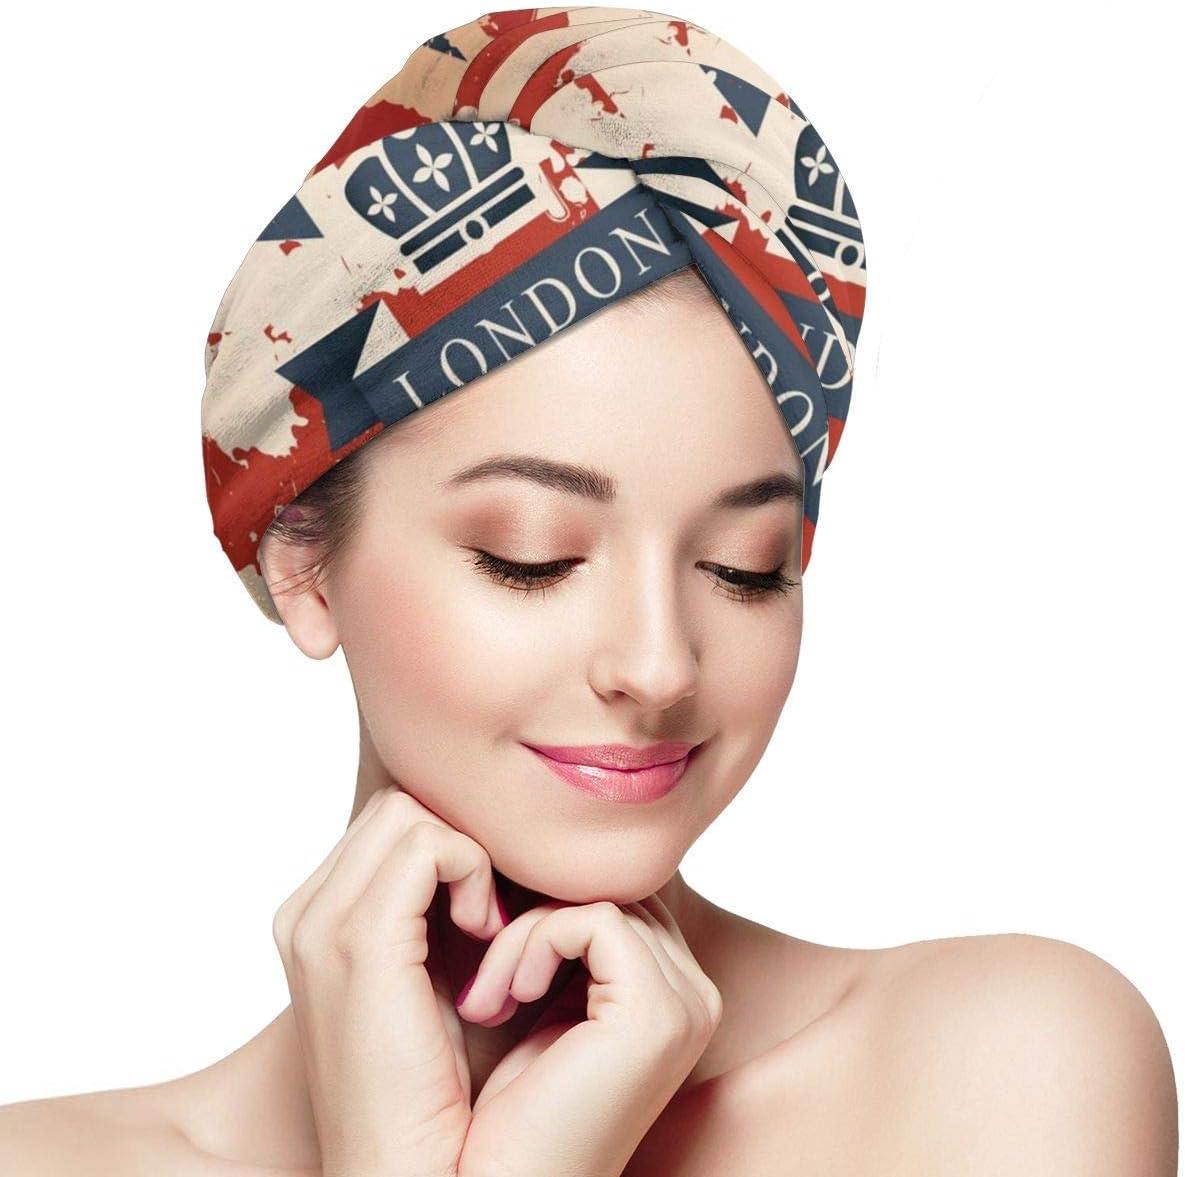 N/A Maleta de viaje vintage con la bandera británica de Londres cinta y envolturas para la cabeza para mujer gorro de ducha anti encrespamiento absorbente toalla de ducha sombrero